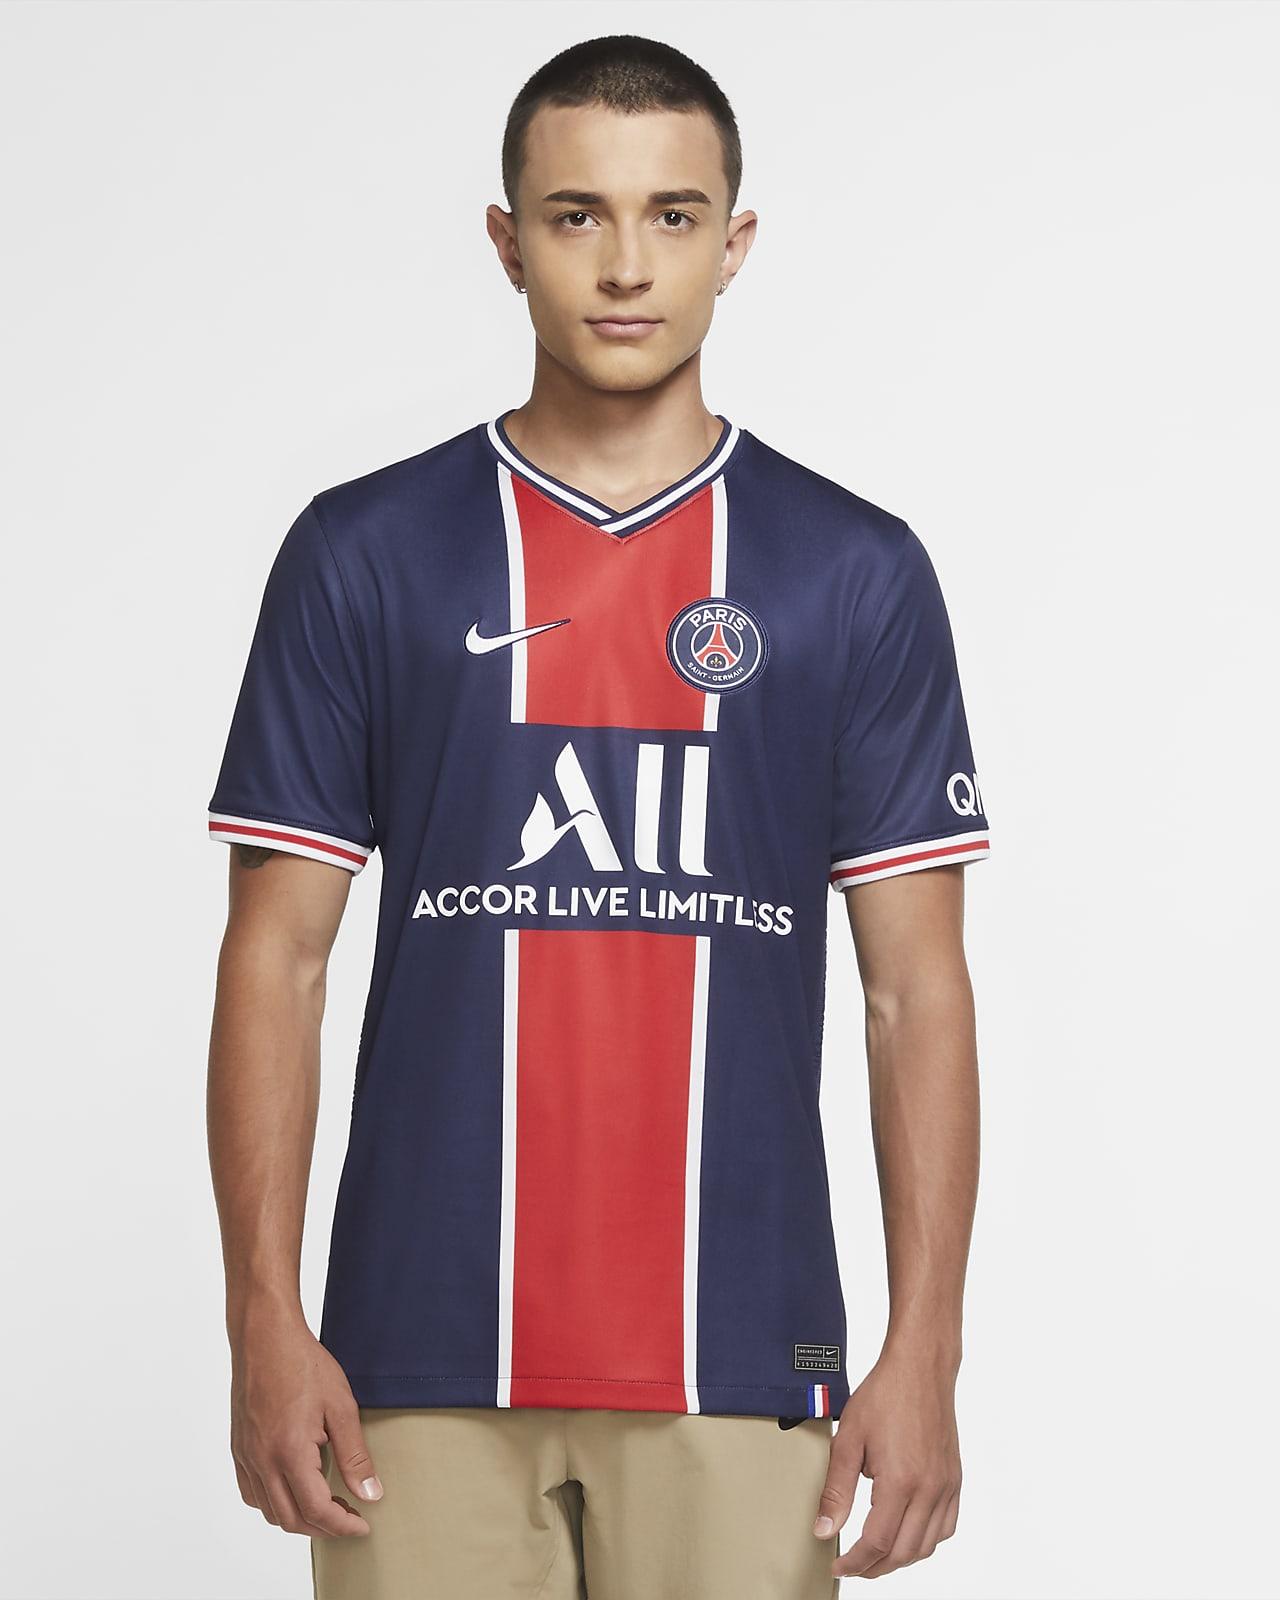 2020/21 赛季巴黎圣日耳曼主场球迷版男子足球球衣